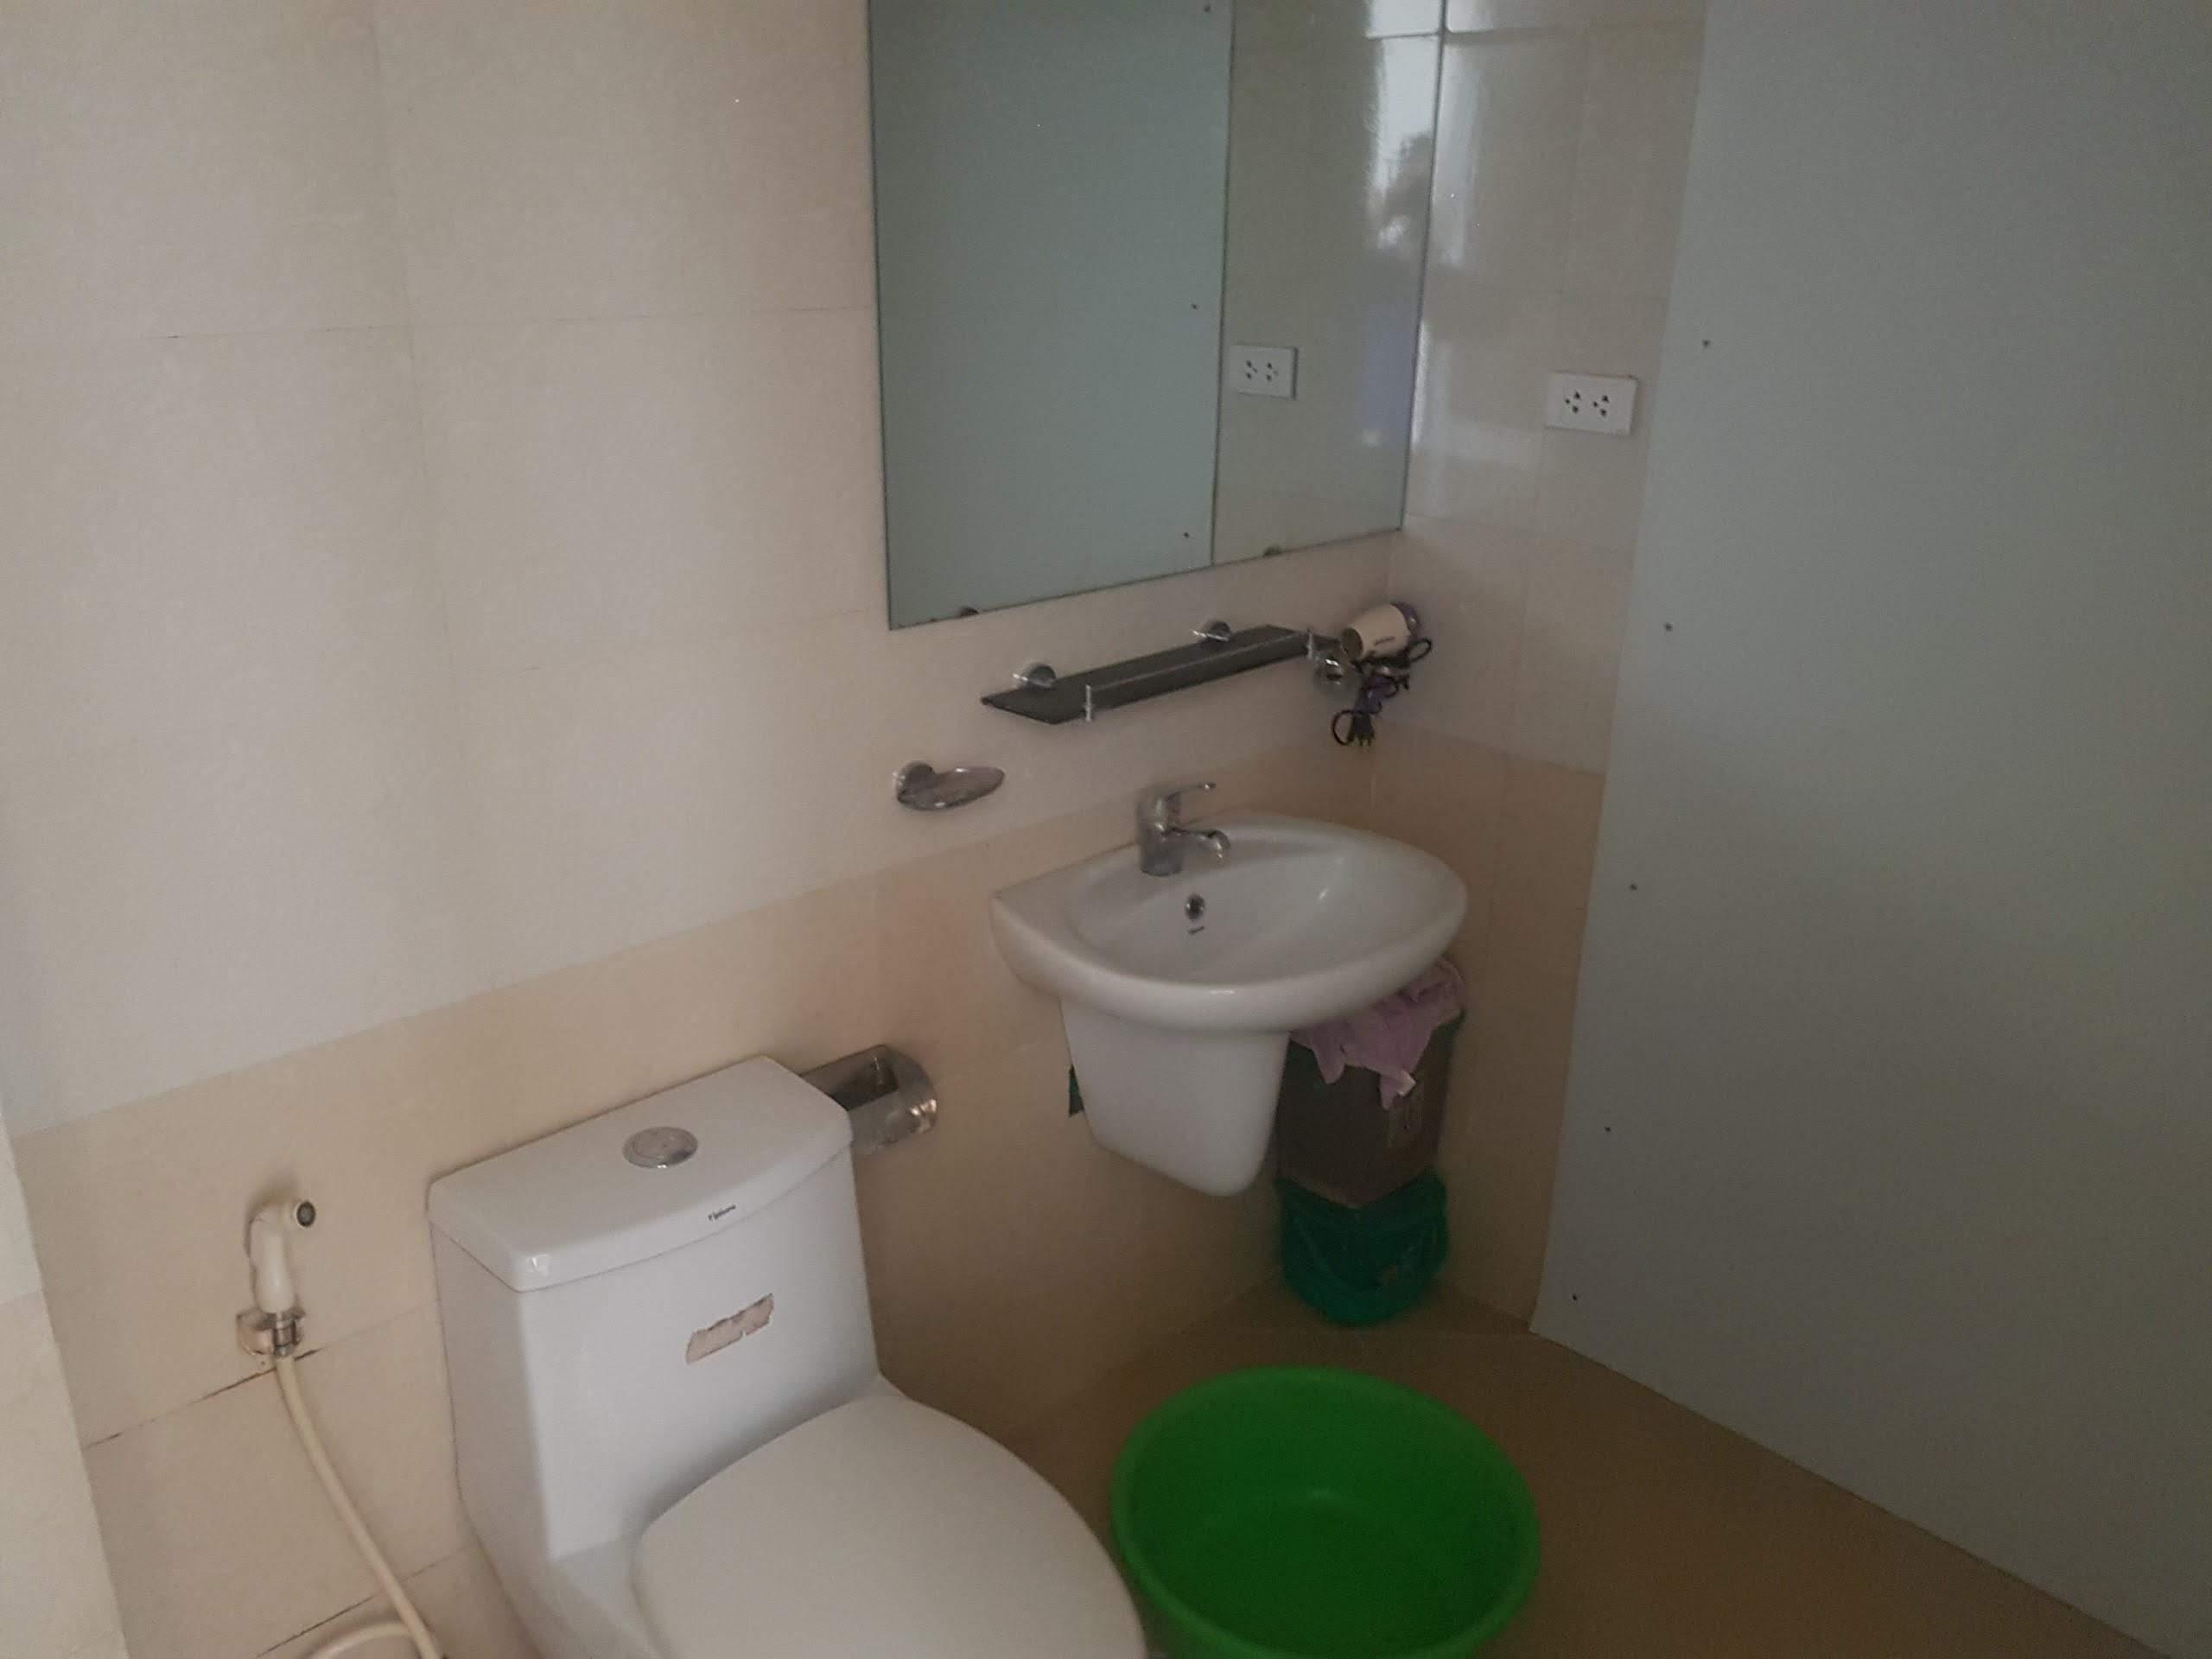 Bán căn hộ chung cư Việt Hưng CT 15 dt 100m2 giá 2.8 tỷ